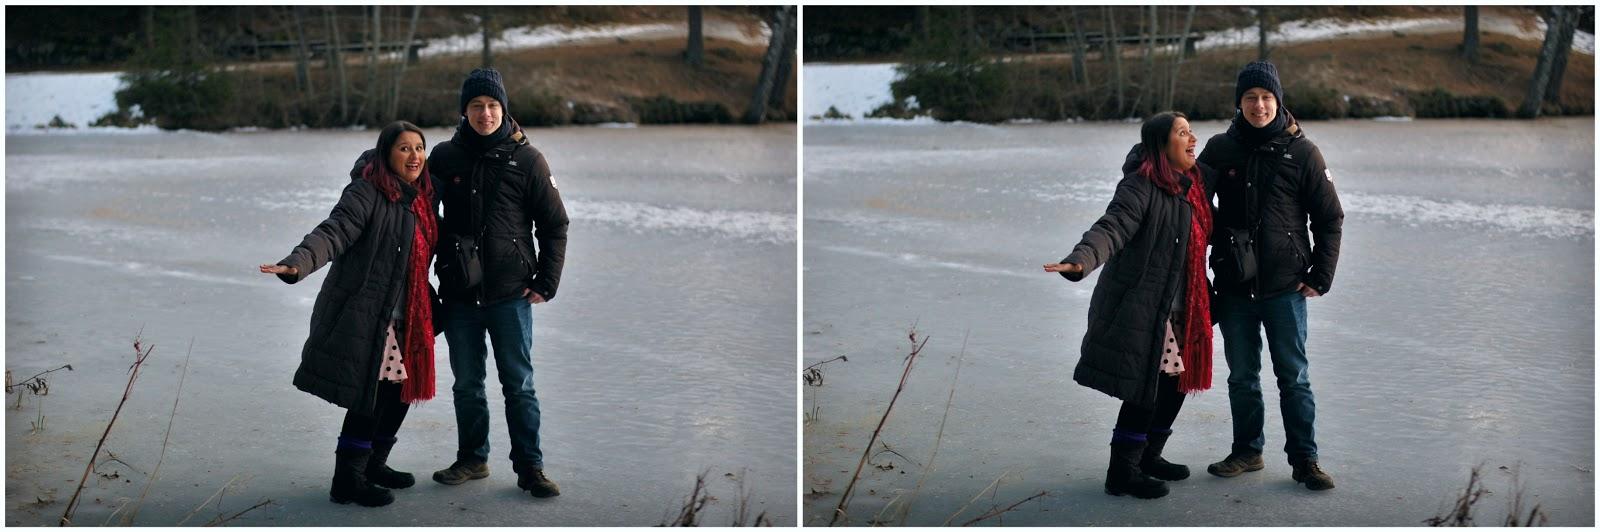 andar no lago congelado no inverno na noruega